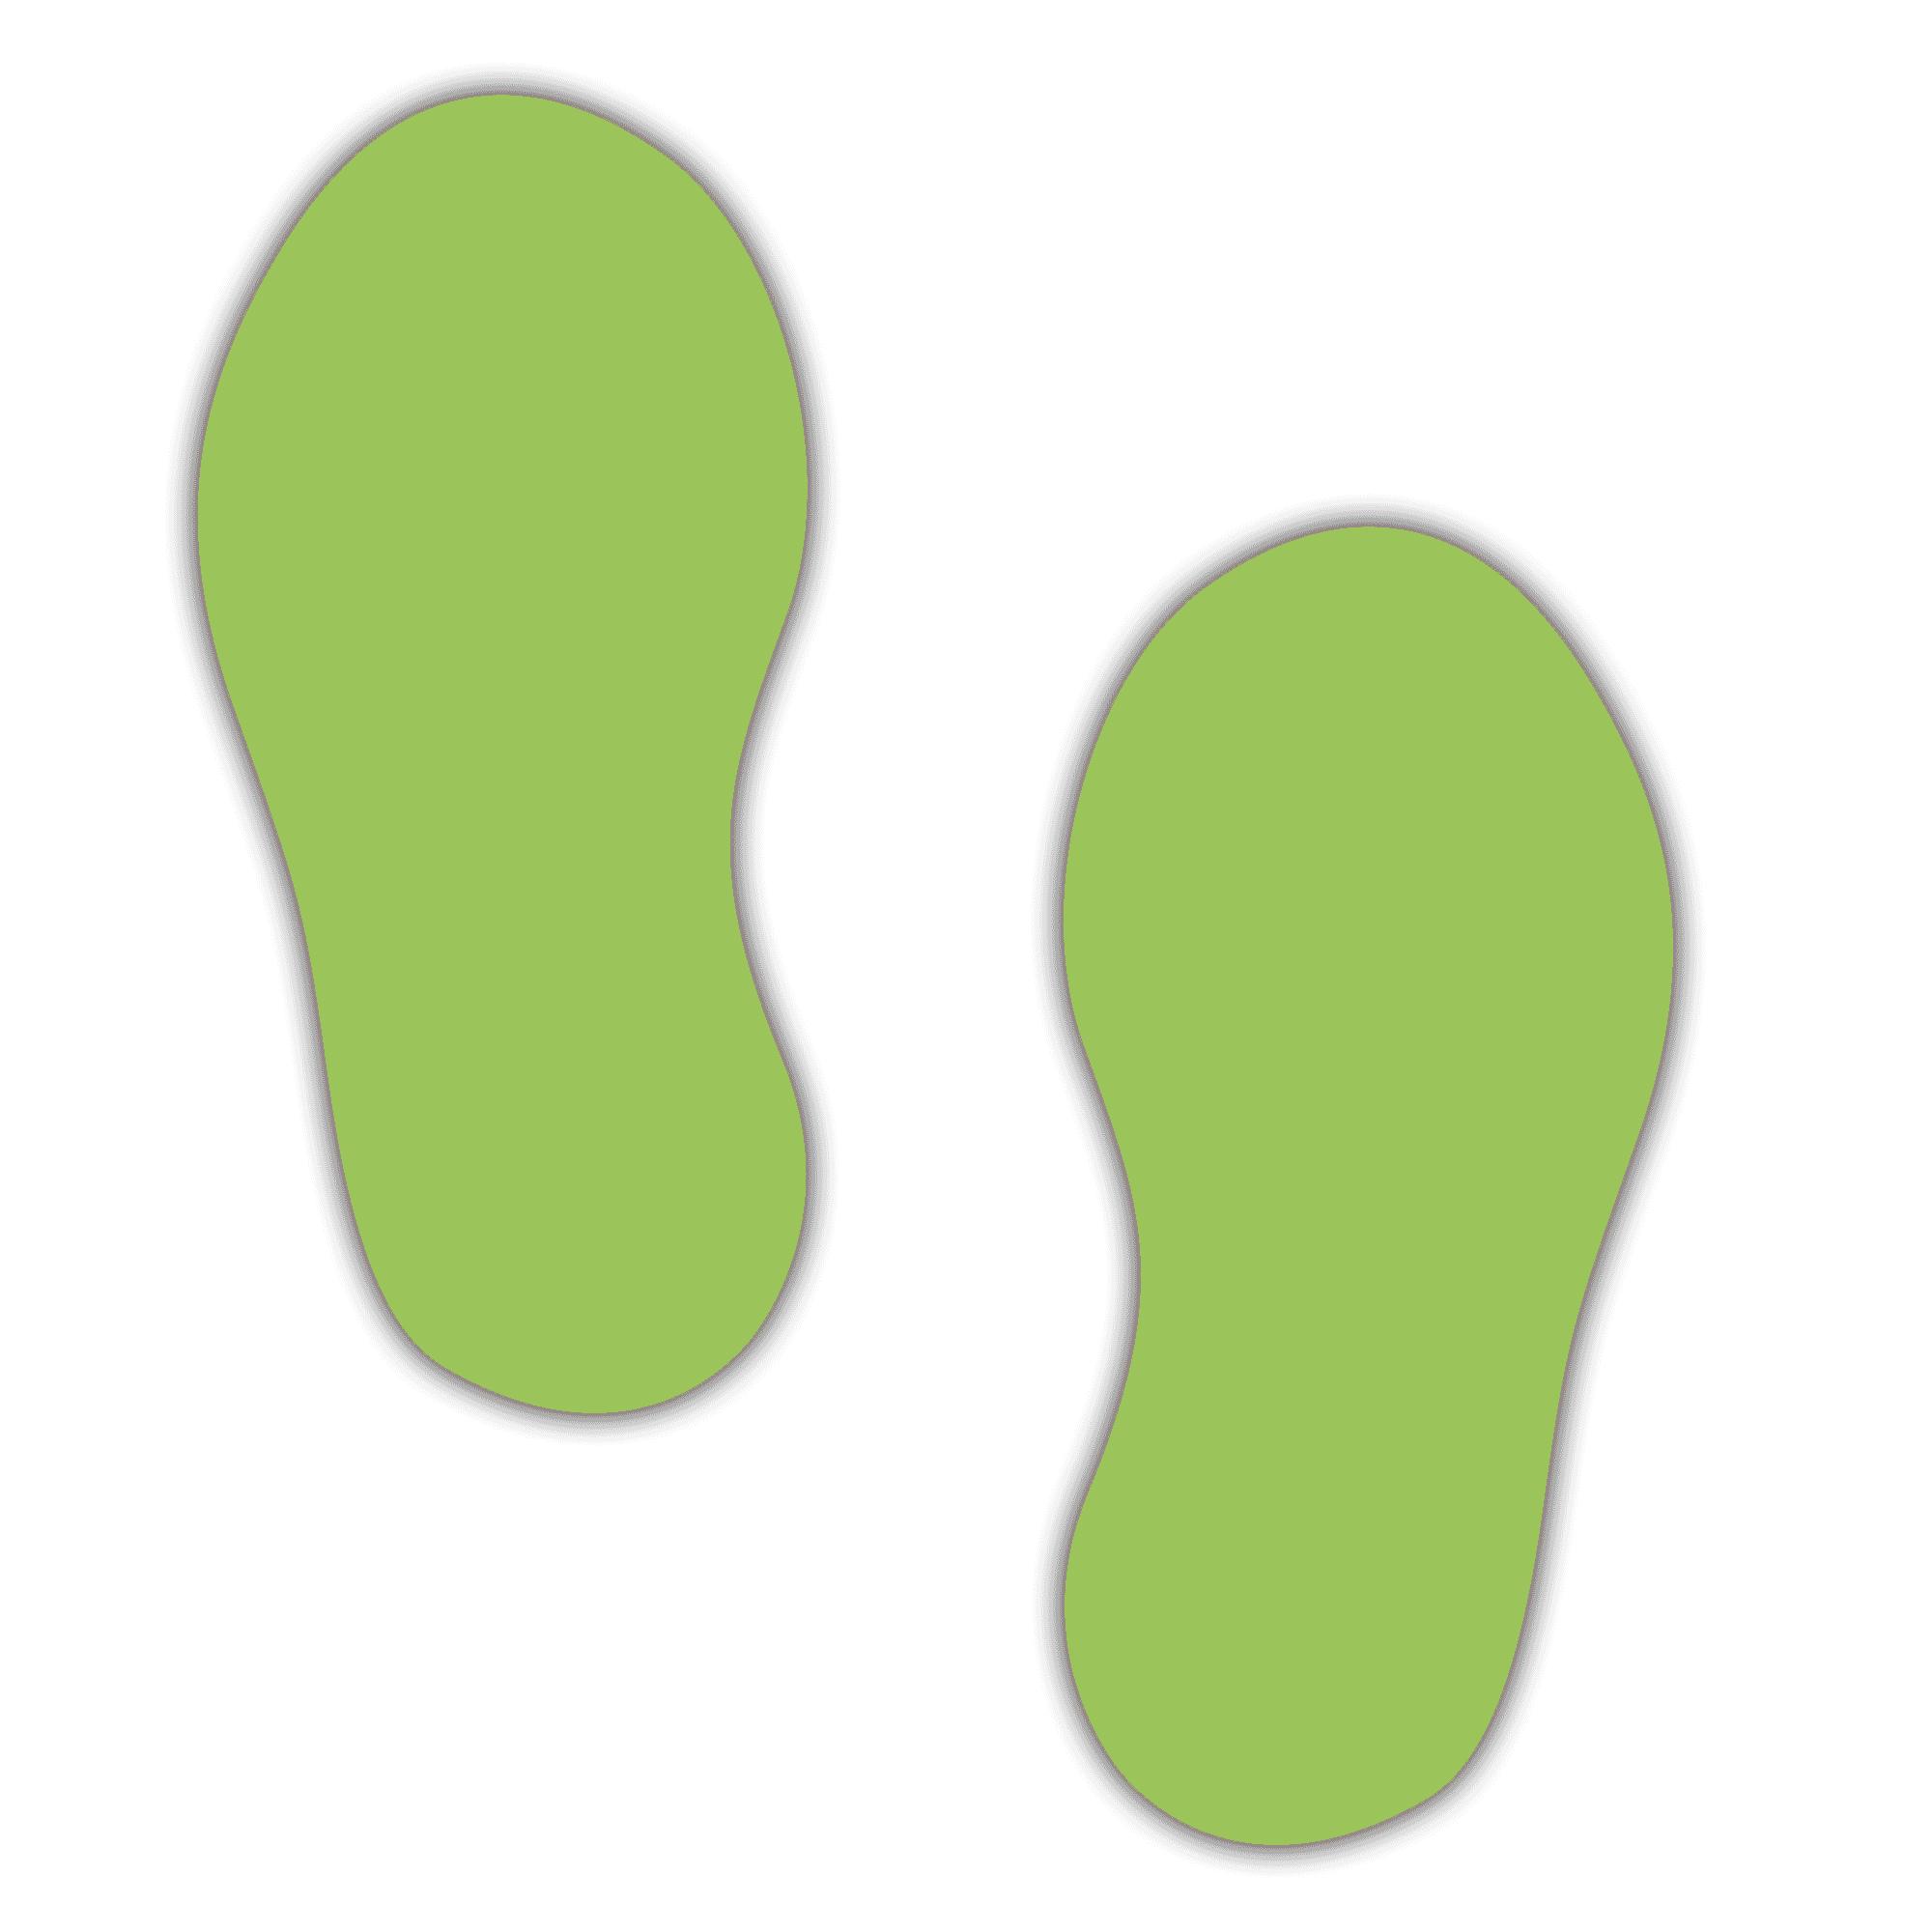 von stempel-fabrik Fußgröße 250x110 mm Fußbodenaufkleber Fußpaar